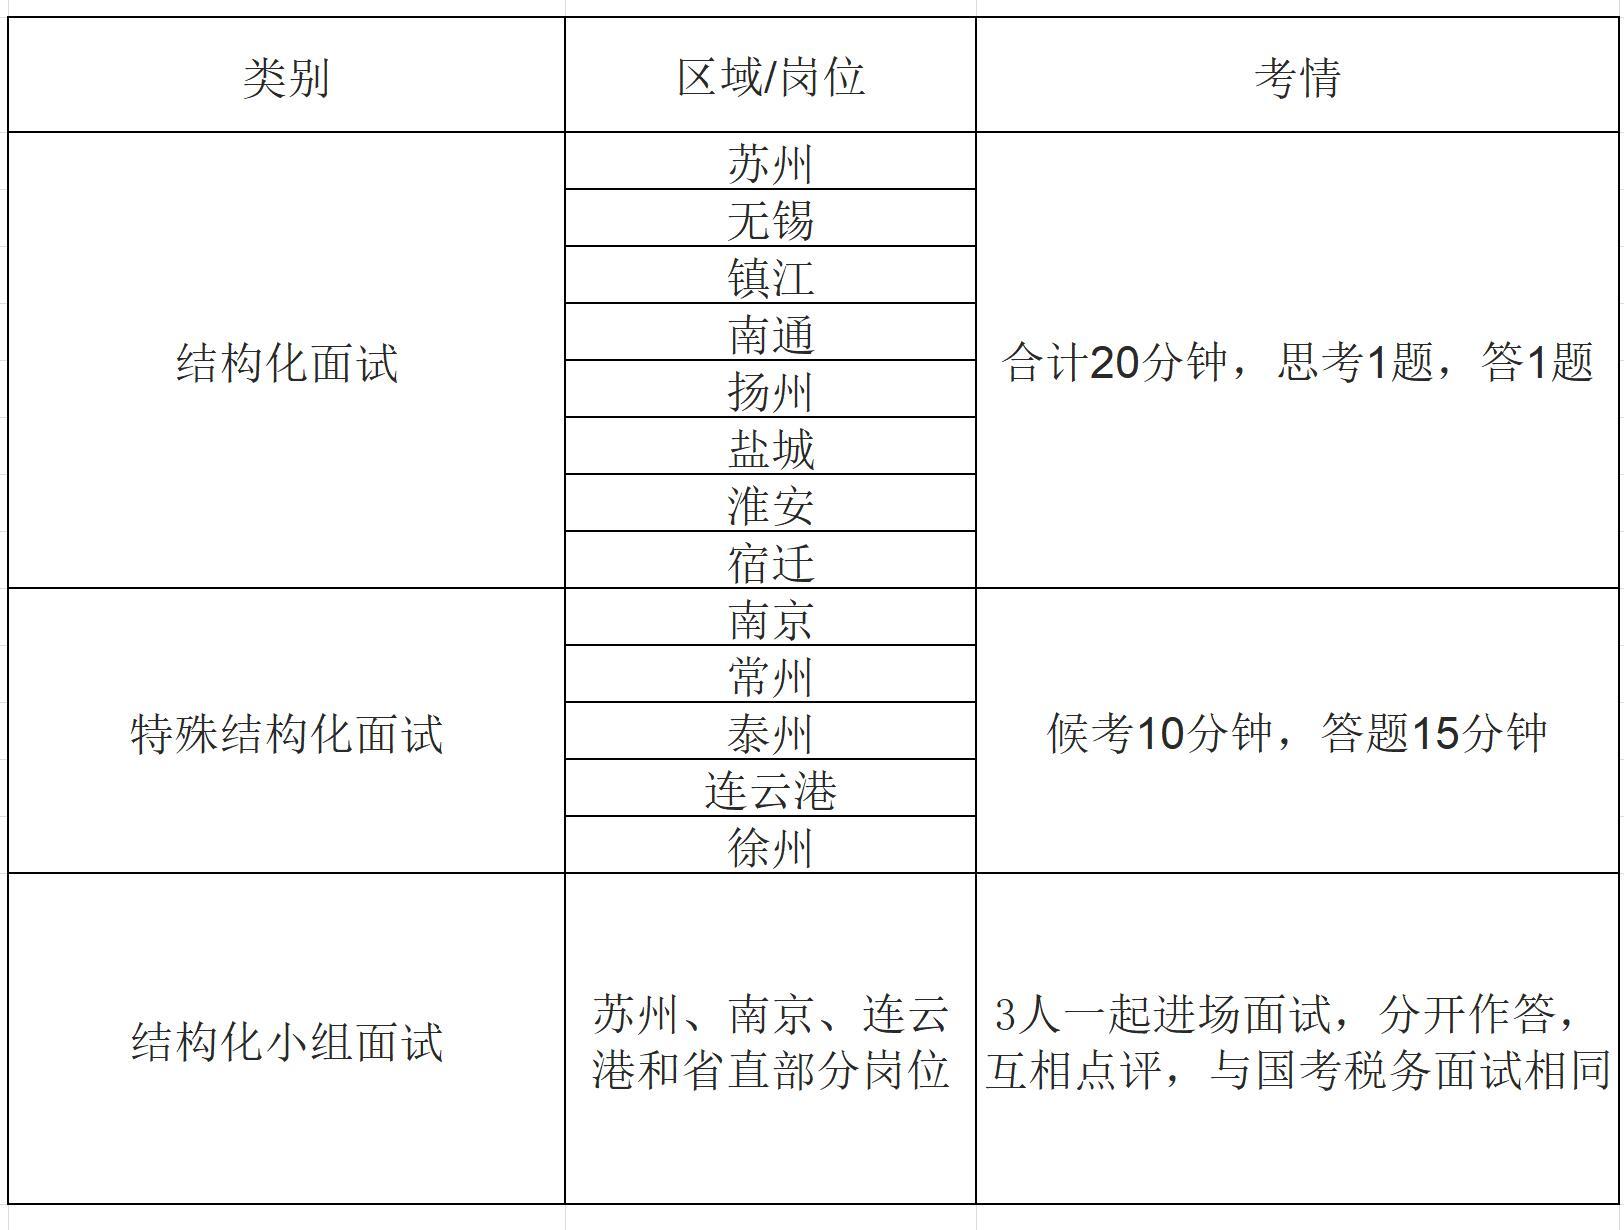 2019江苏南通市公务员面试形式四大方面(附2018年面试